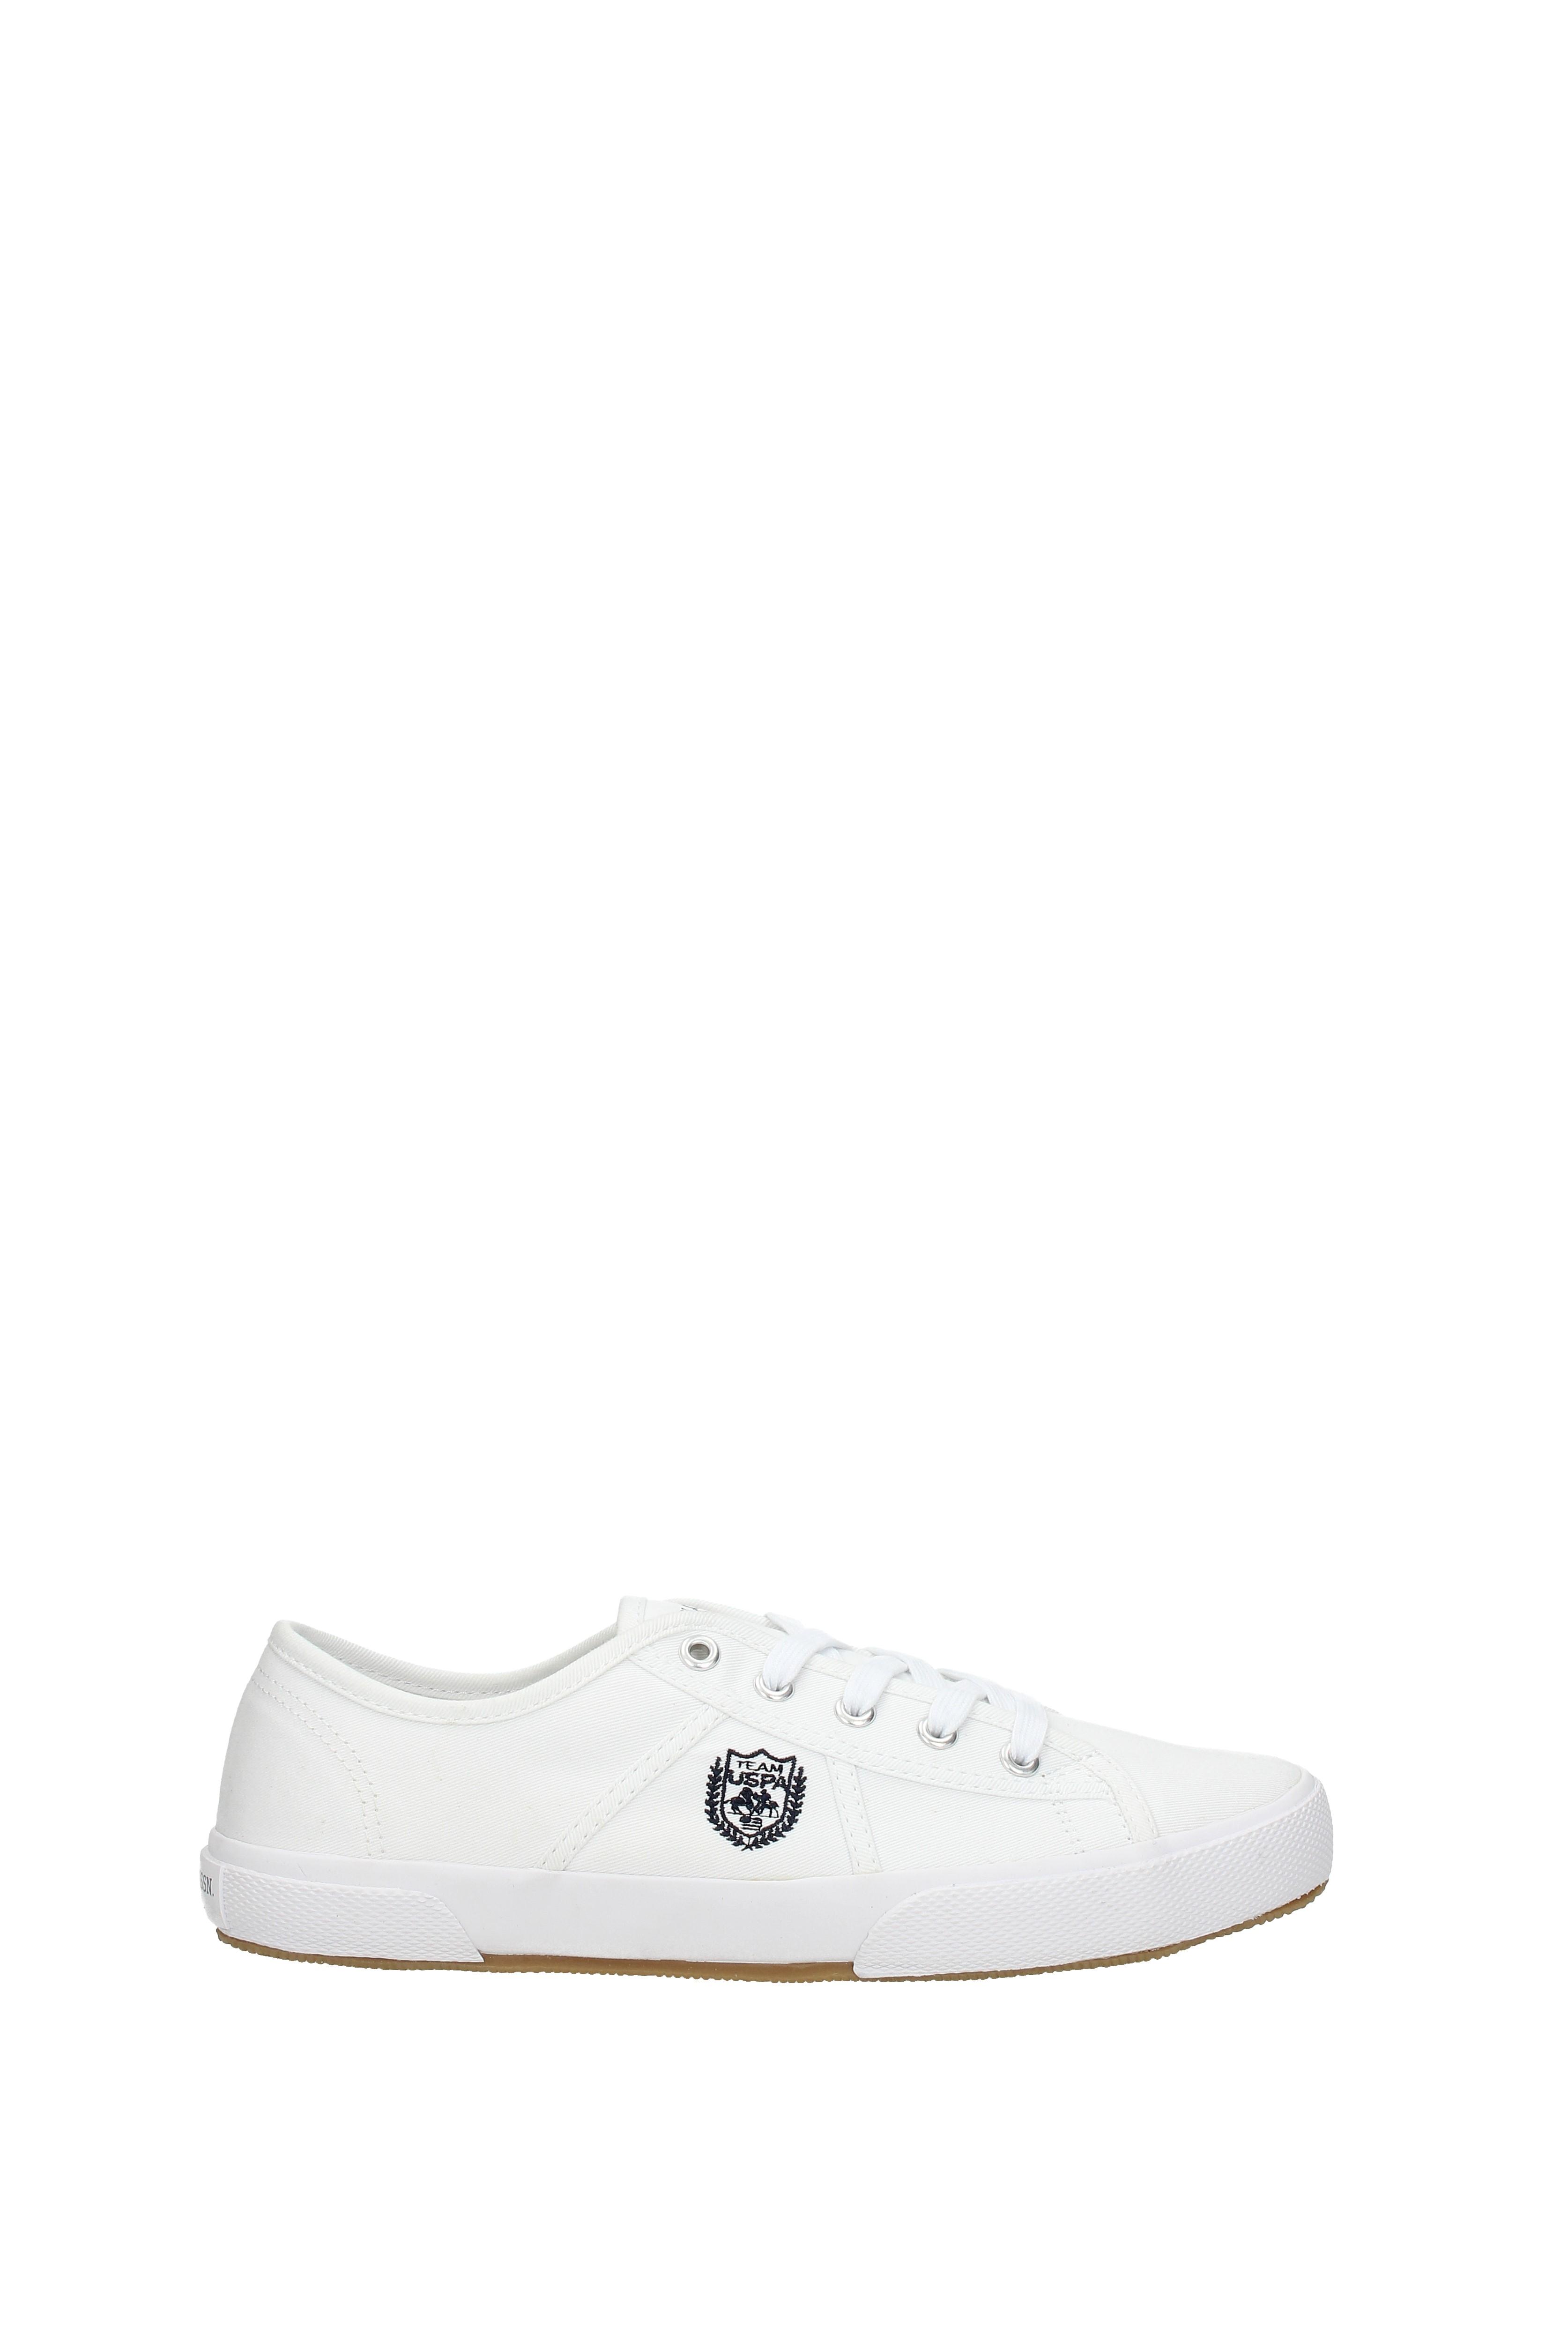 Sneakers U.S. Tessuto Polo Assn. Uomo - Tessuto U.S. (SOLAN4189S7) e141c3